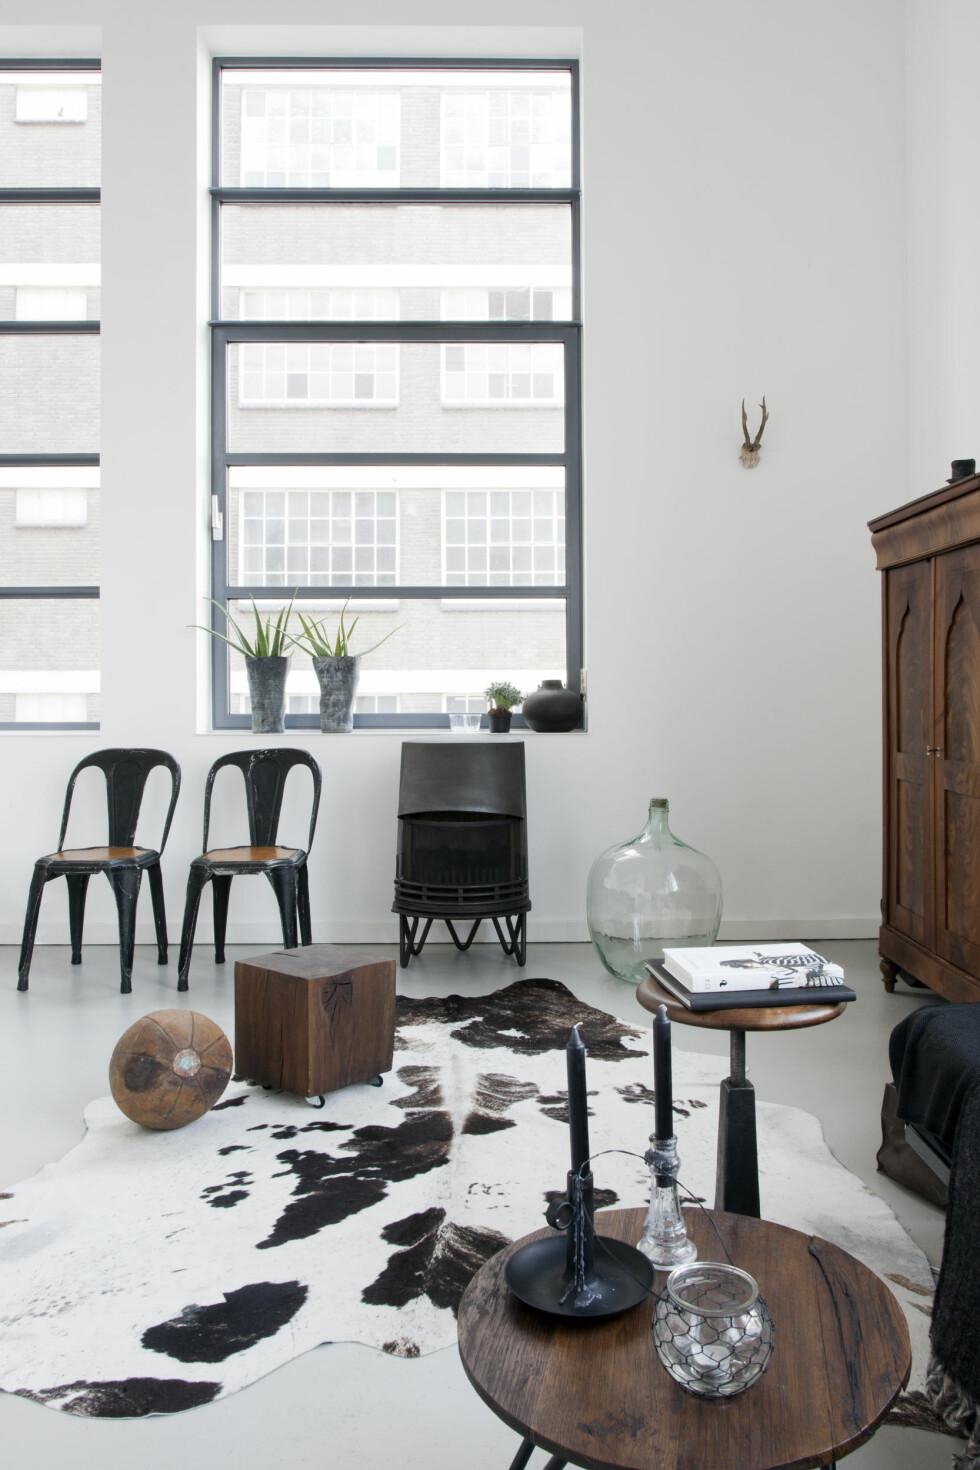 SAMME FARGETONE: Kun elementer i samme mørke bruntone eller svart får plass fremme ileiligheten. Slik danner såpass mange møbler iulike materialer en vakker helhet. Foto: Raul Candales Franch/IDECORimages.com